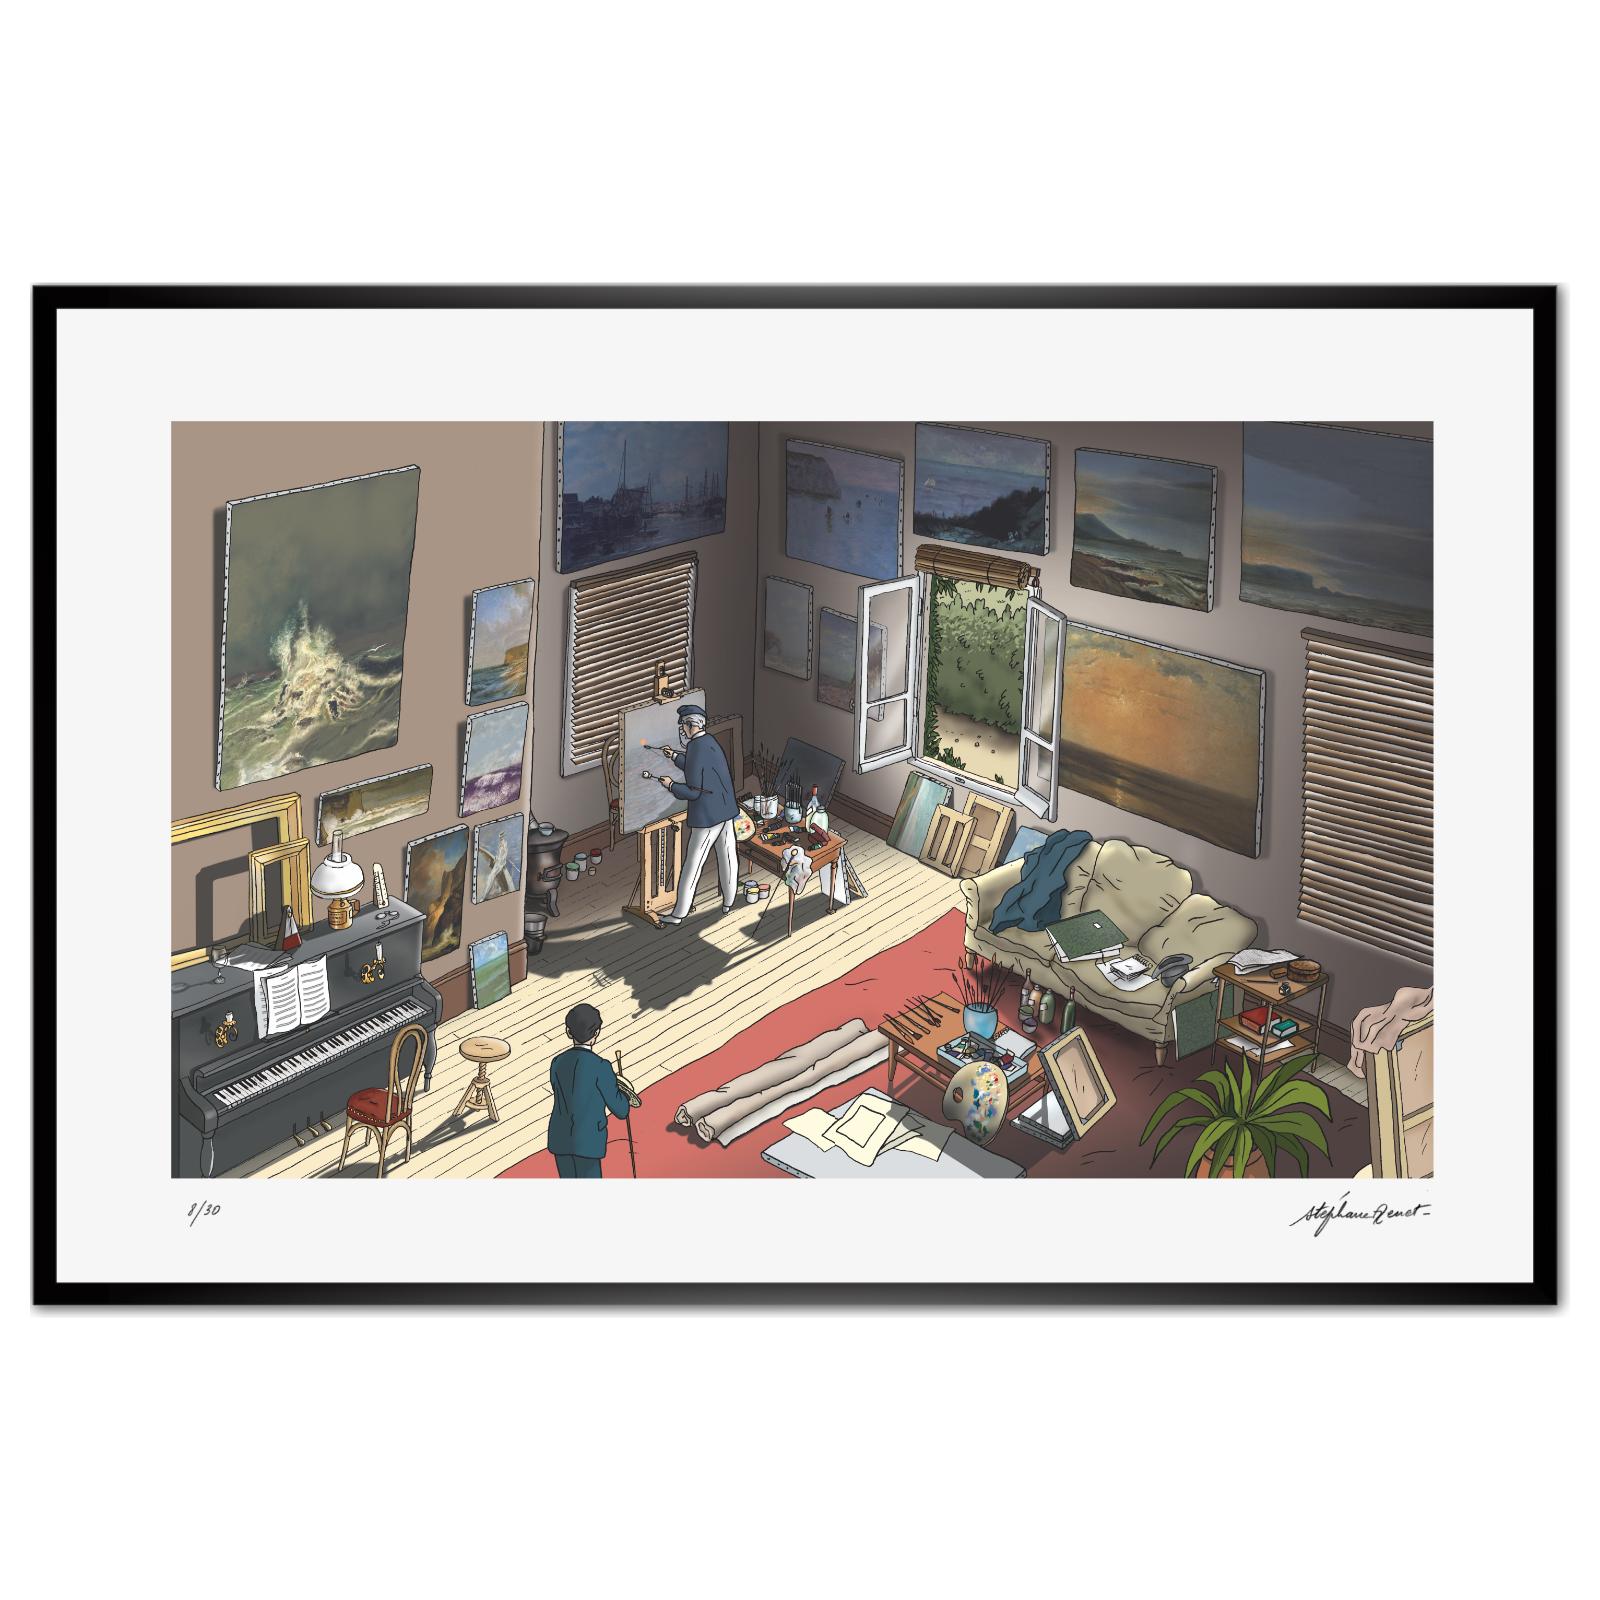 L'atelier d'Elstir